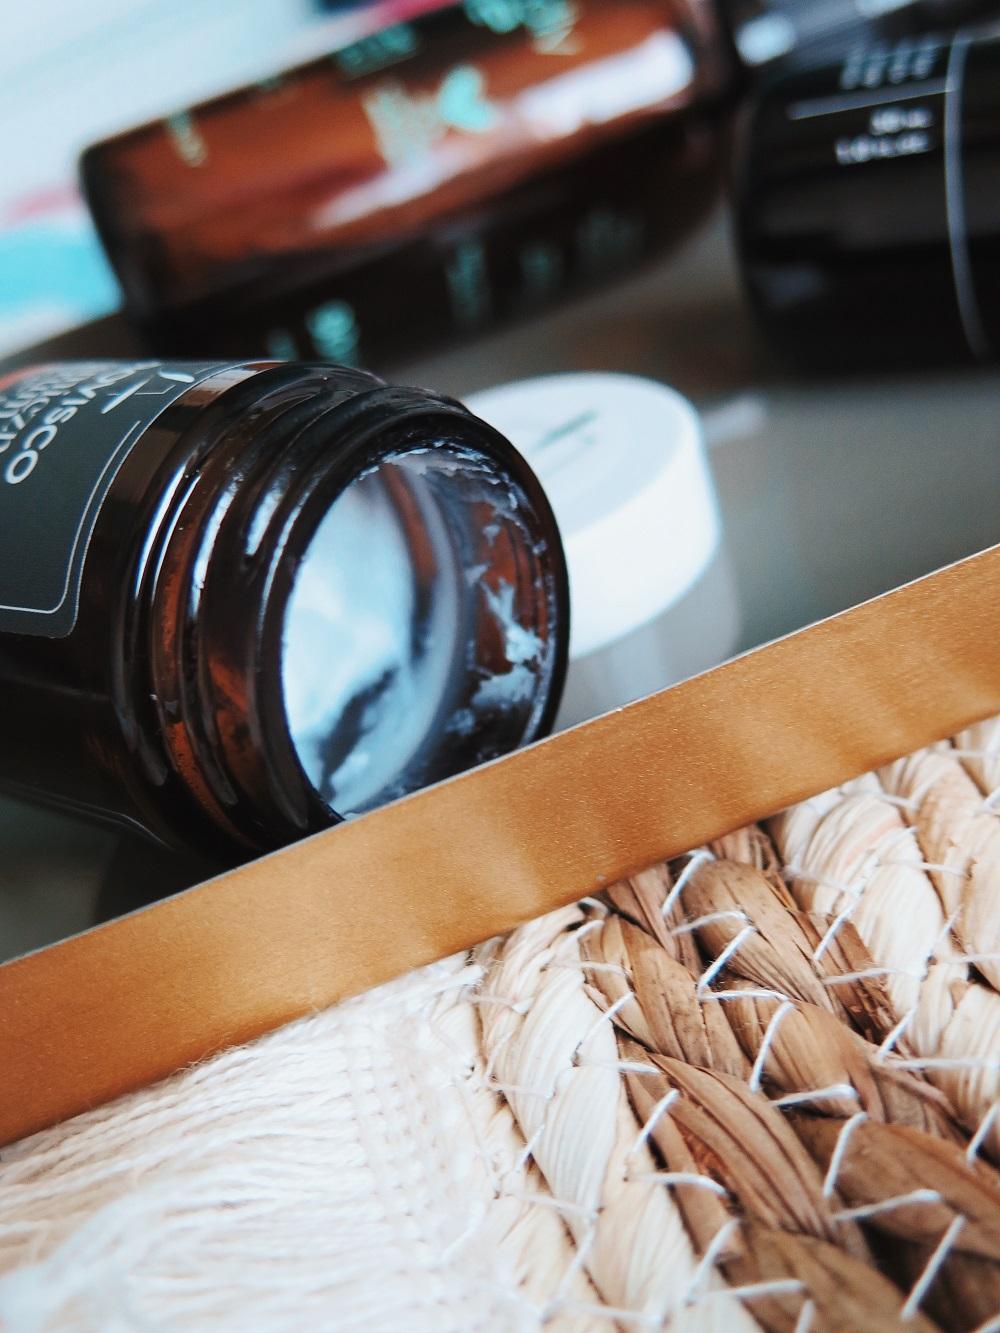 Testujemy pielęgnację naturalną  Polskie marki - Polny Warkocz, d'Alchemy, Asoa, Uzdrovisco